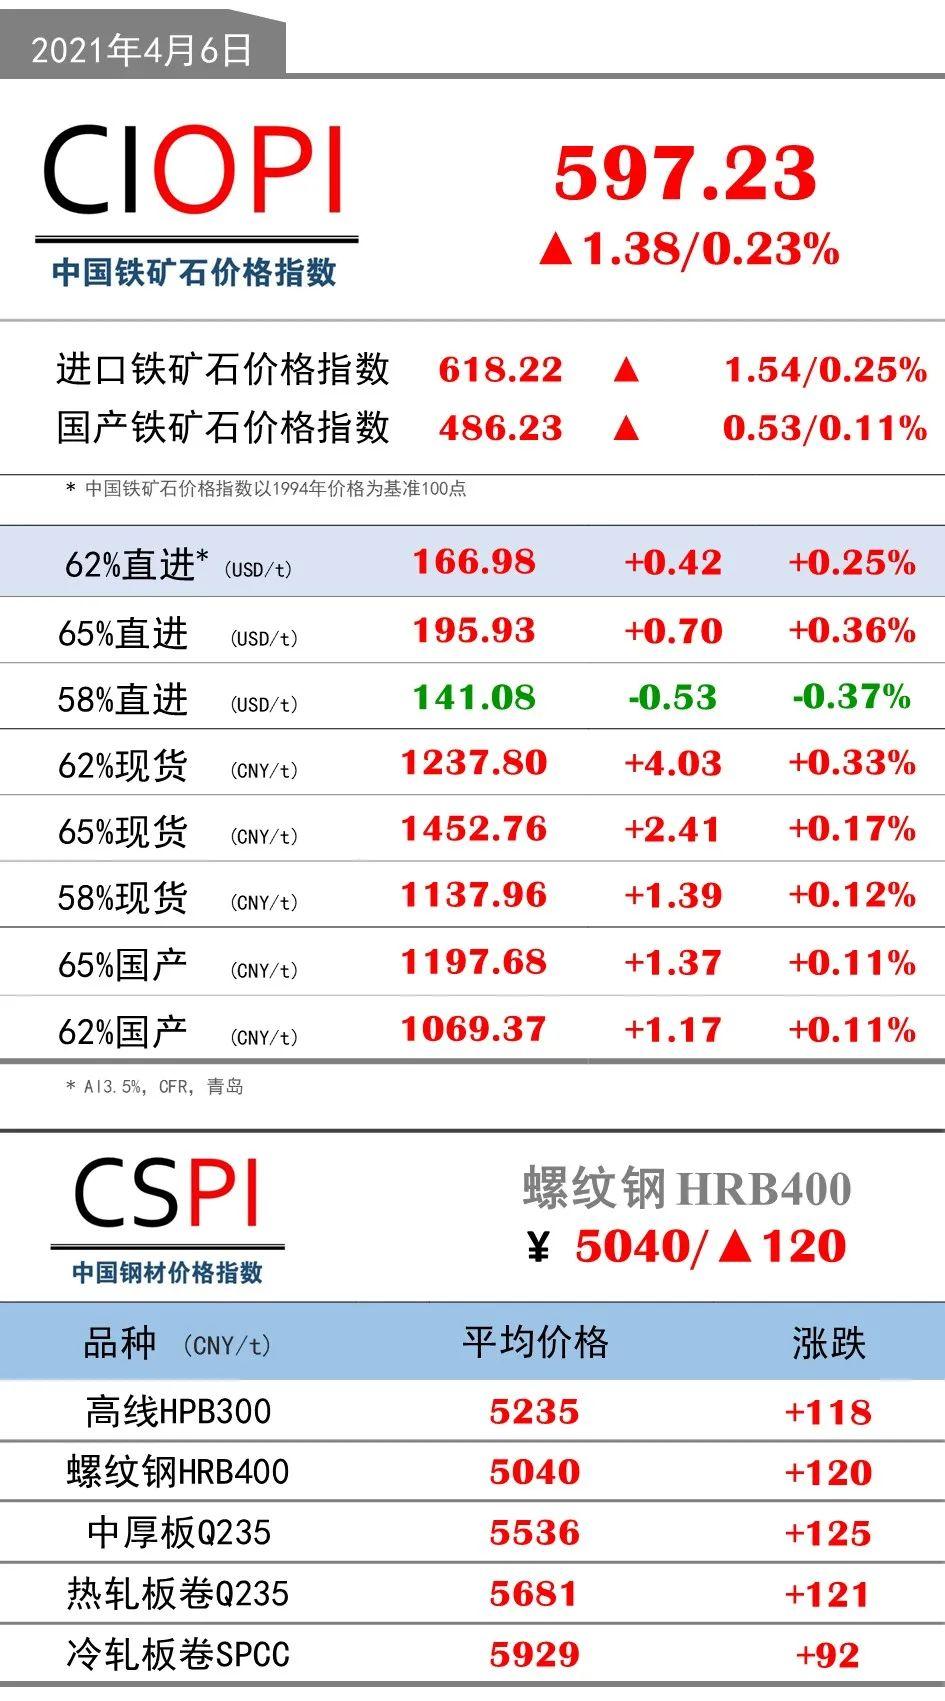 4月6日OPI 62%直进:166.98(+0.42/+0.25%)